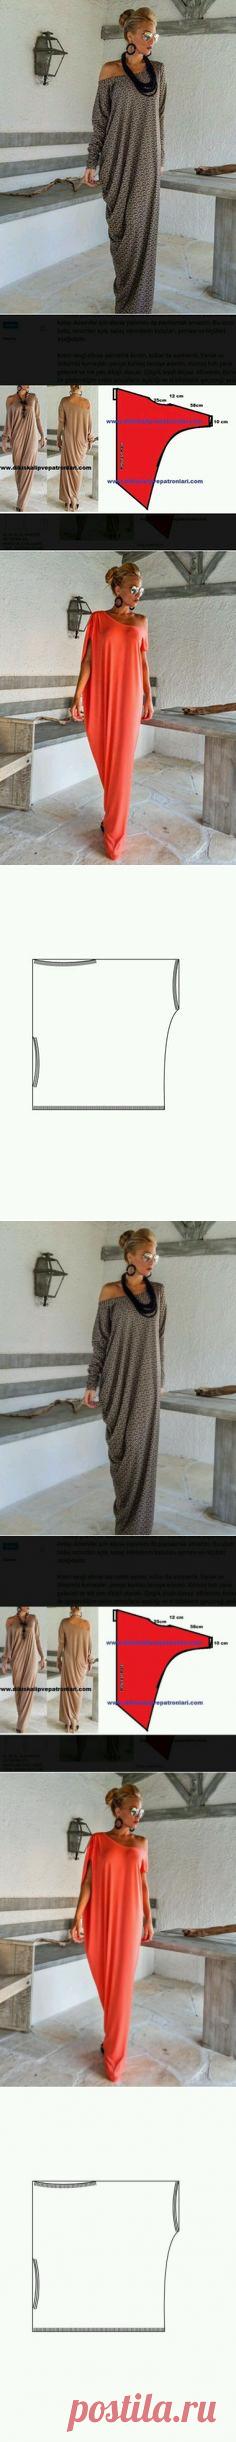 (112) Pinterest